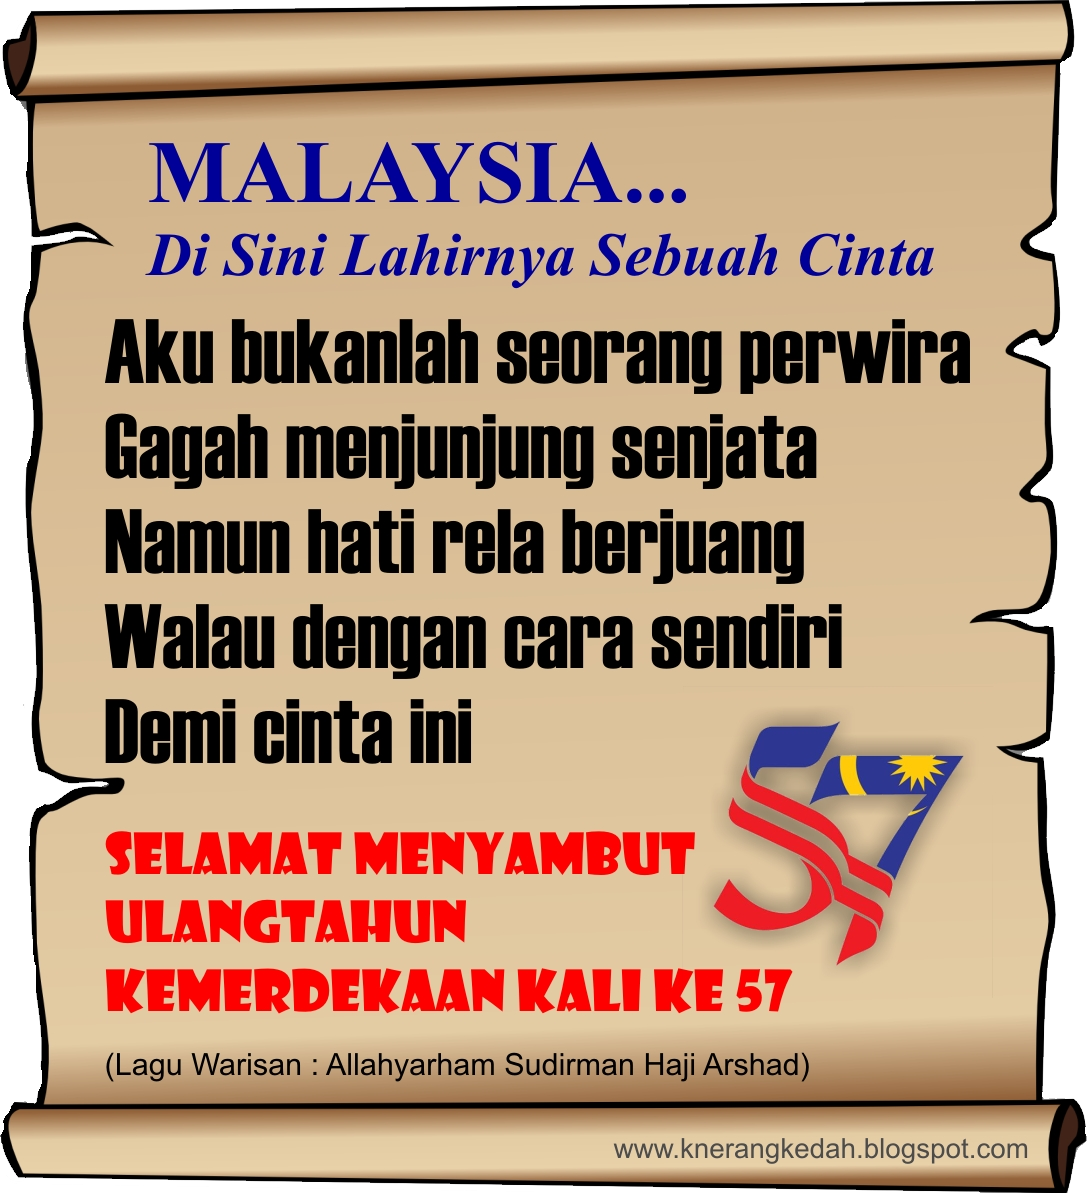 Kata Kata Semangat Kemerdekaan Malaysia 2018 Cikimm Com